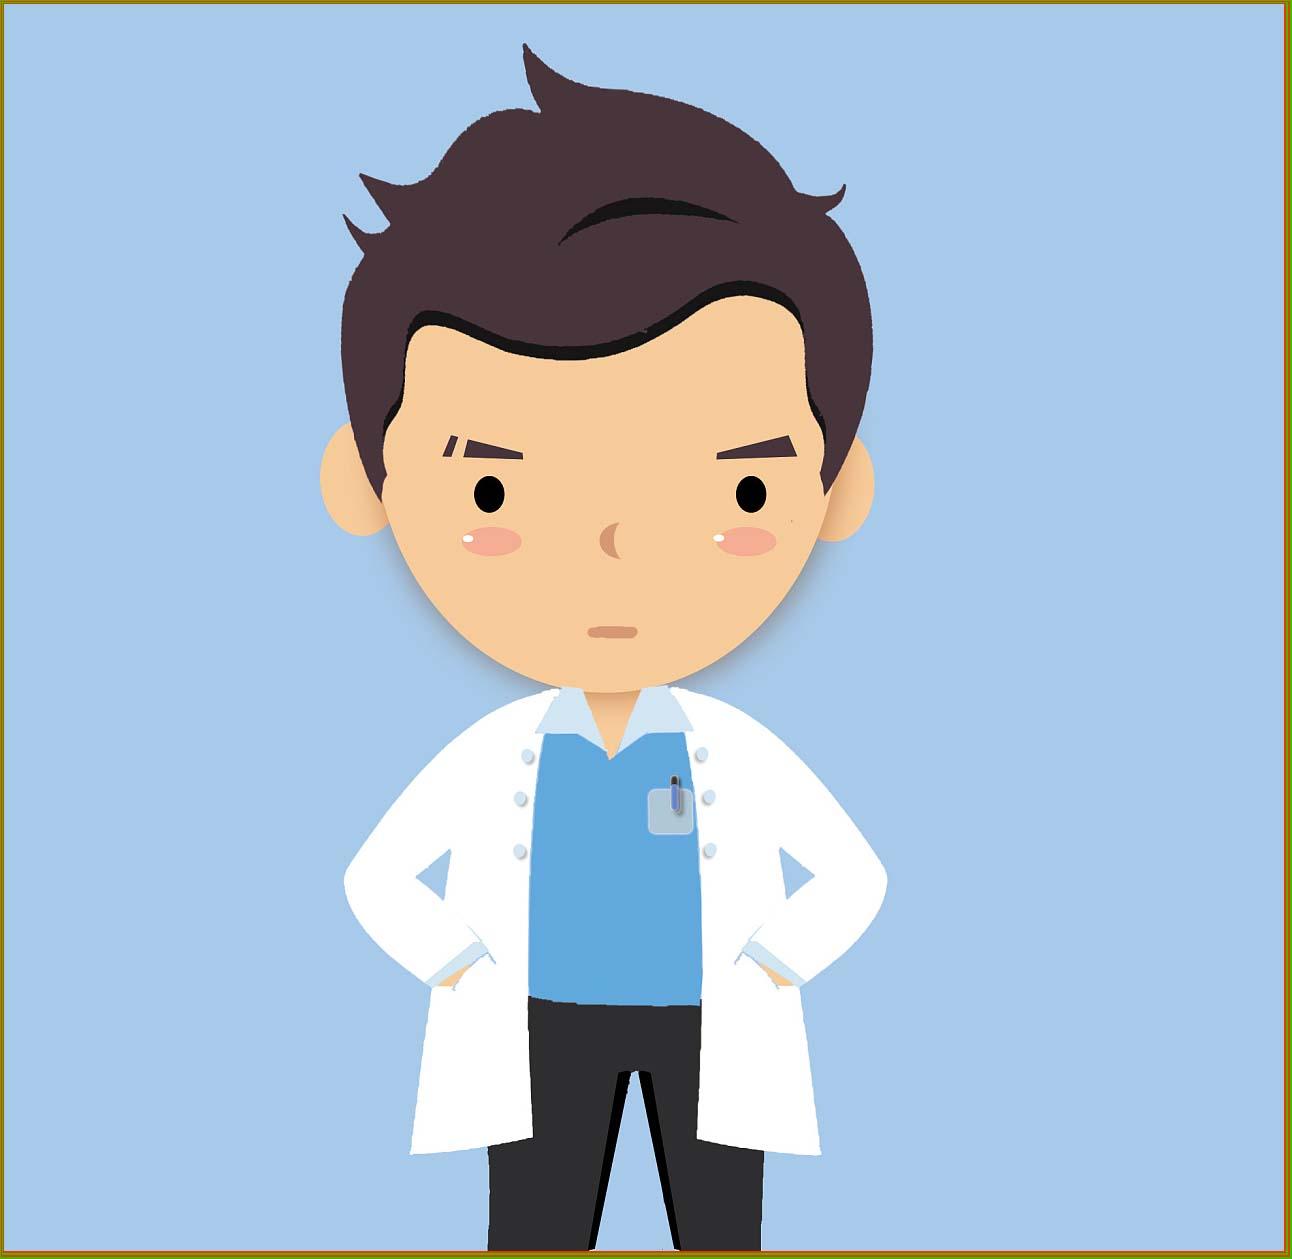 常见的治疗白癜风的几种方法是什么